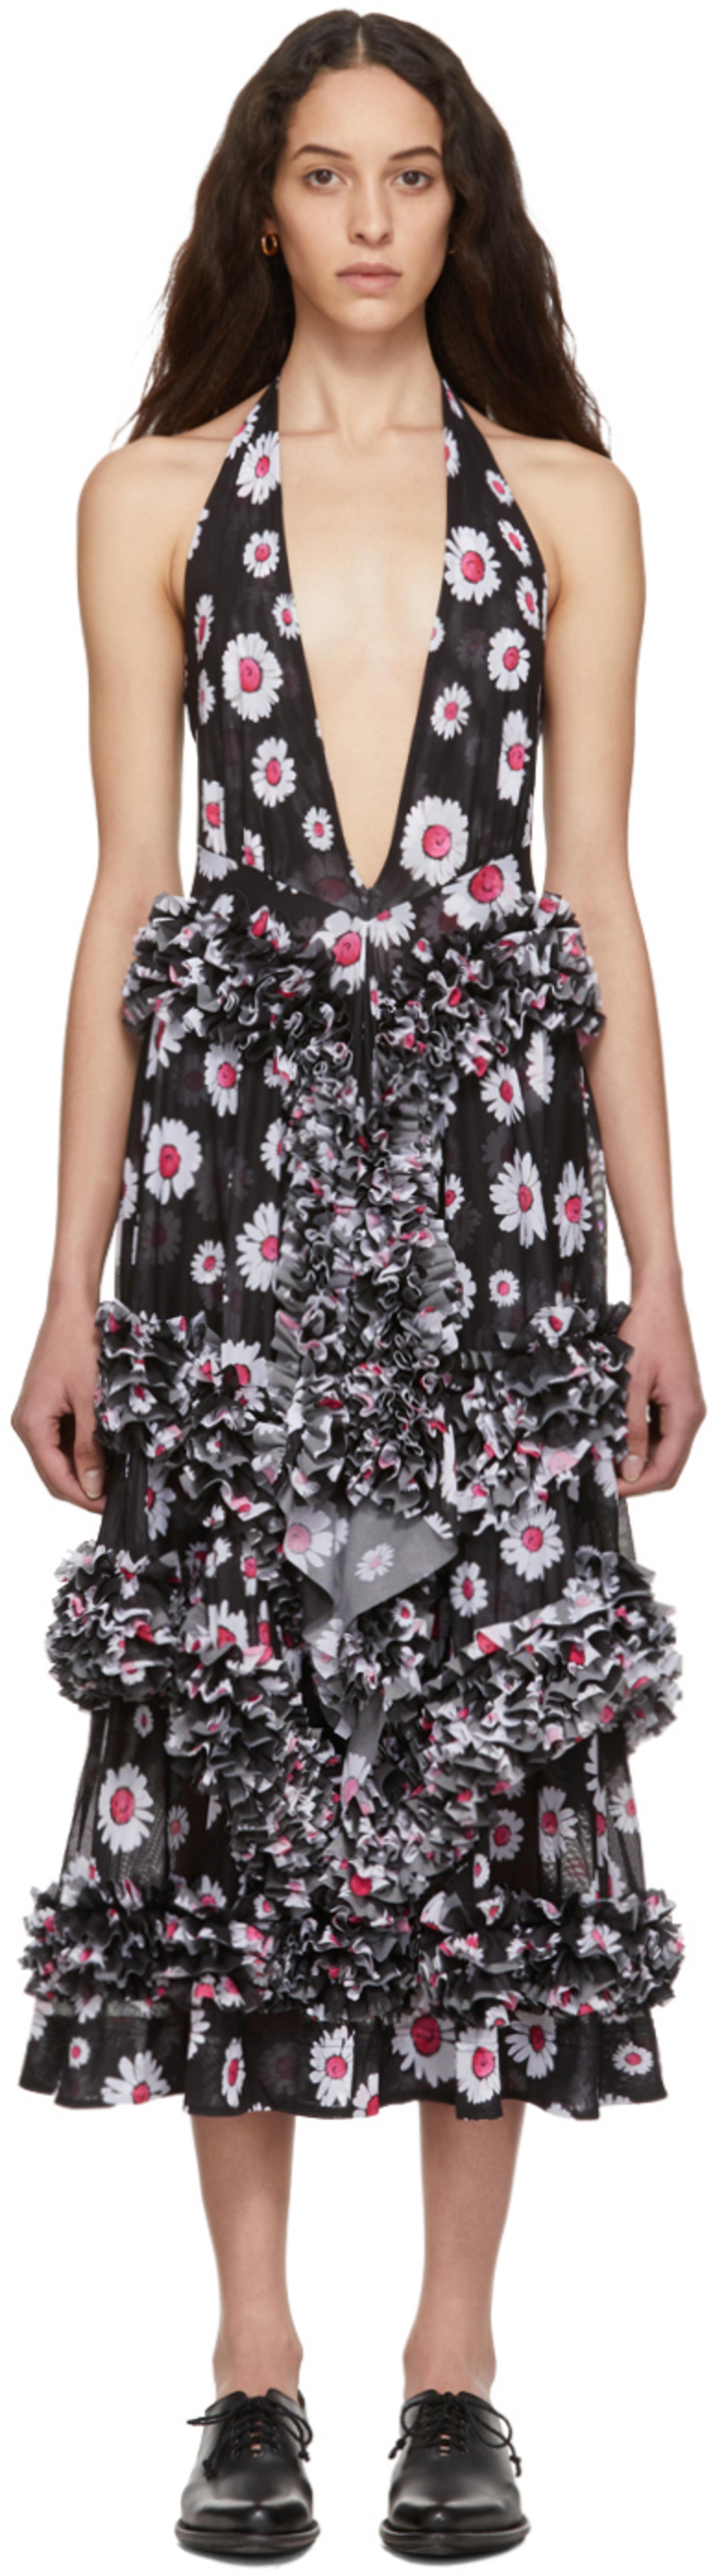 7b5b9491546 Designer dresses for Women